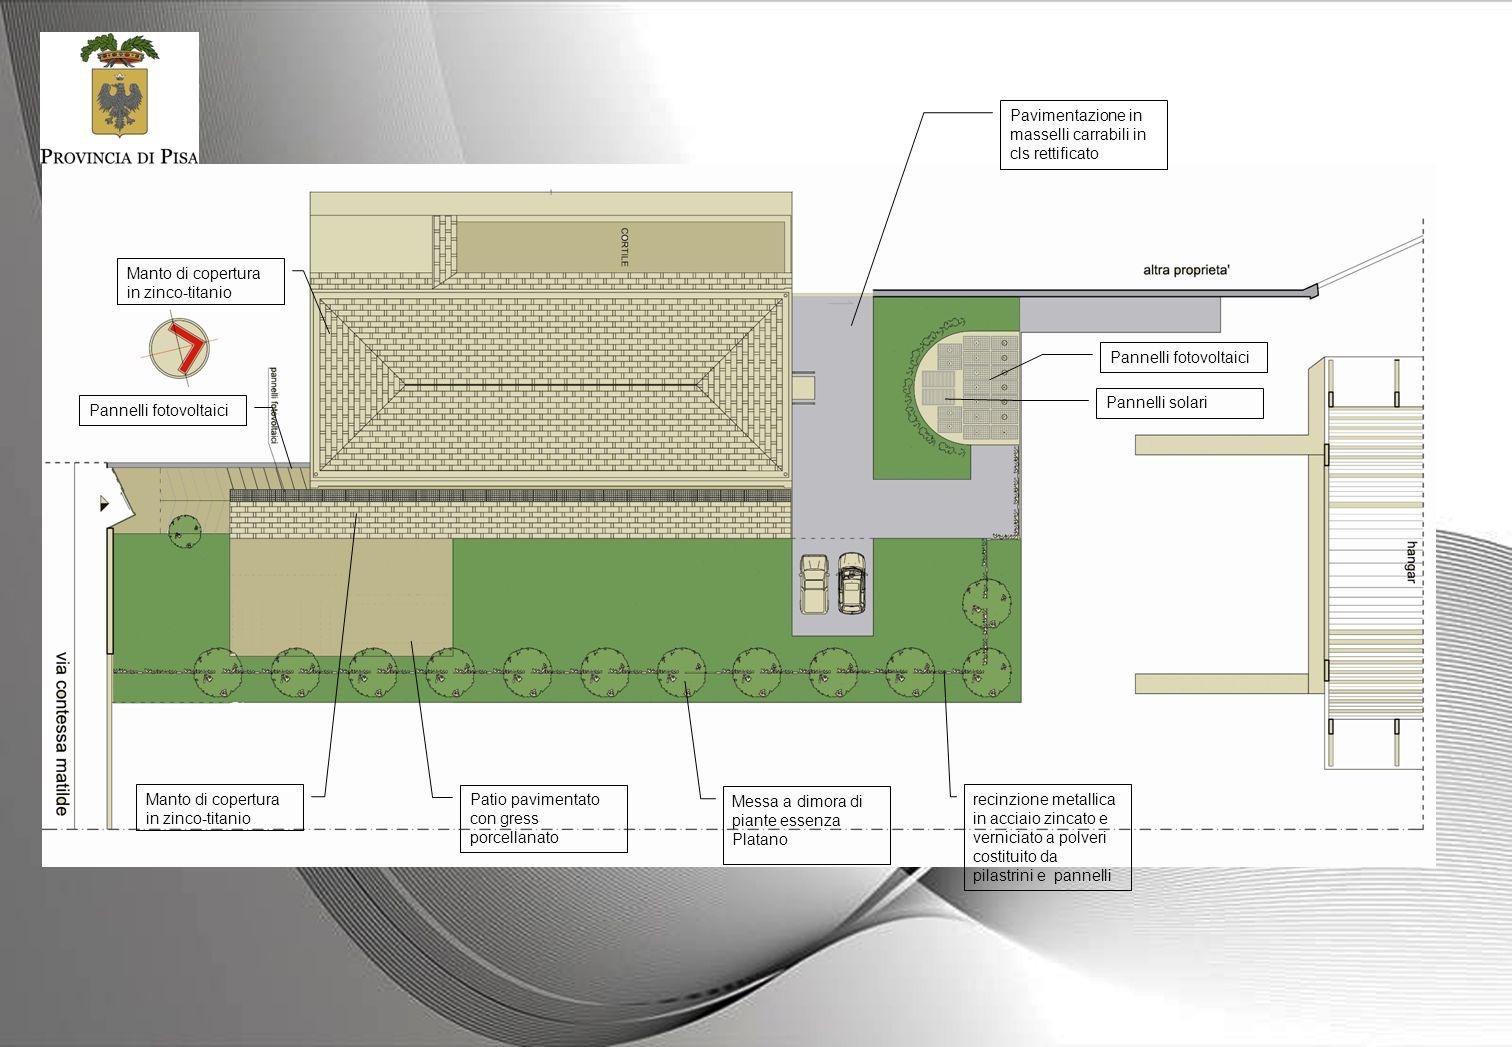 Messa a dimora di piante essenza Platano Patio pavimentato con gress porcellanato Pavimentazione in masselli carrabili in cls rettificato recinzione m